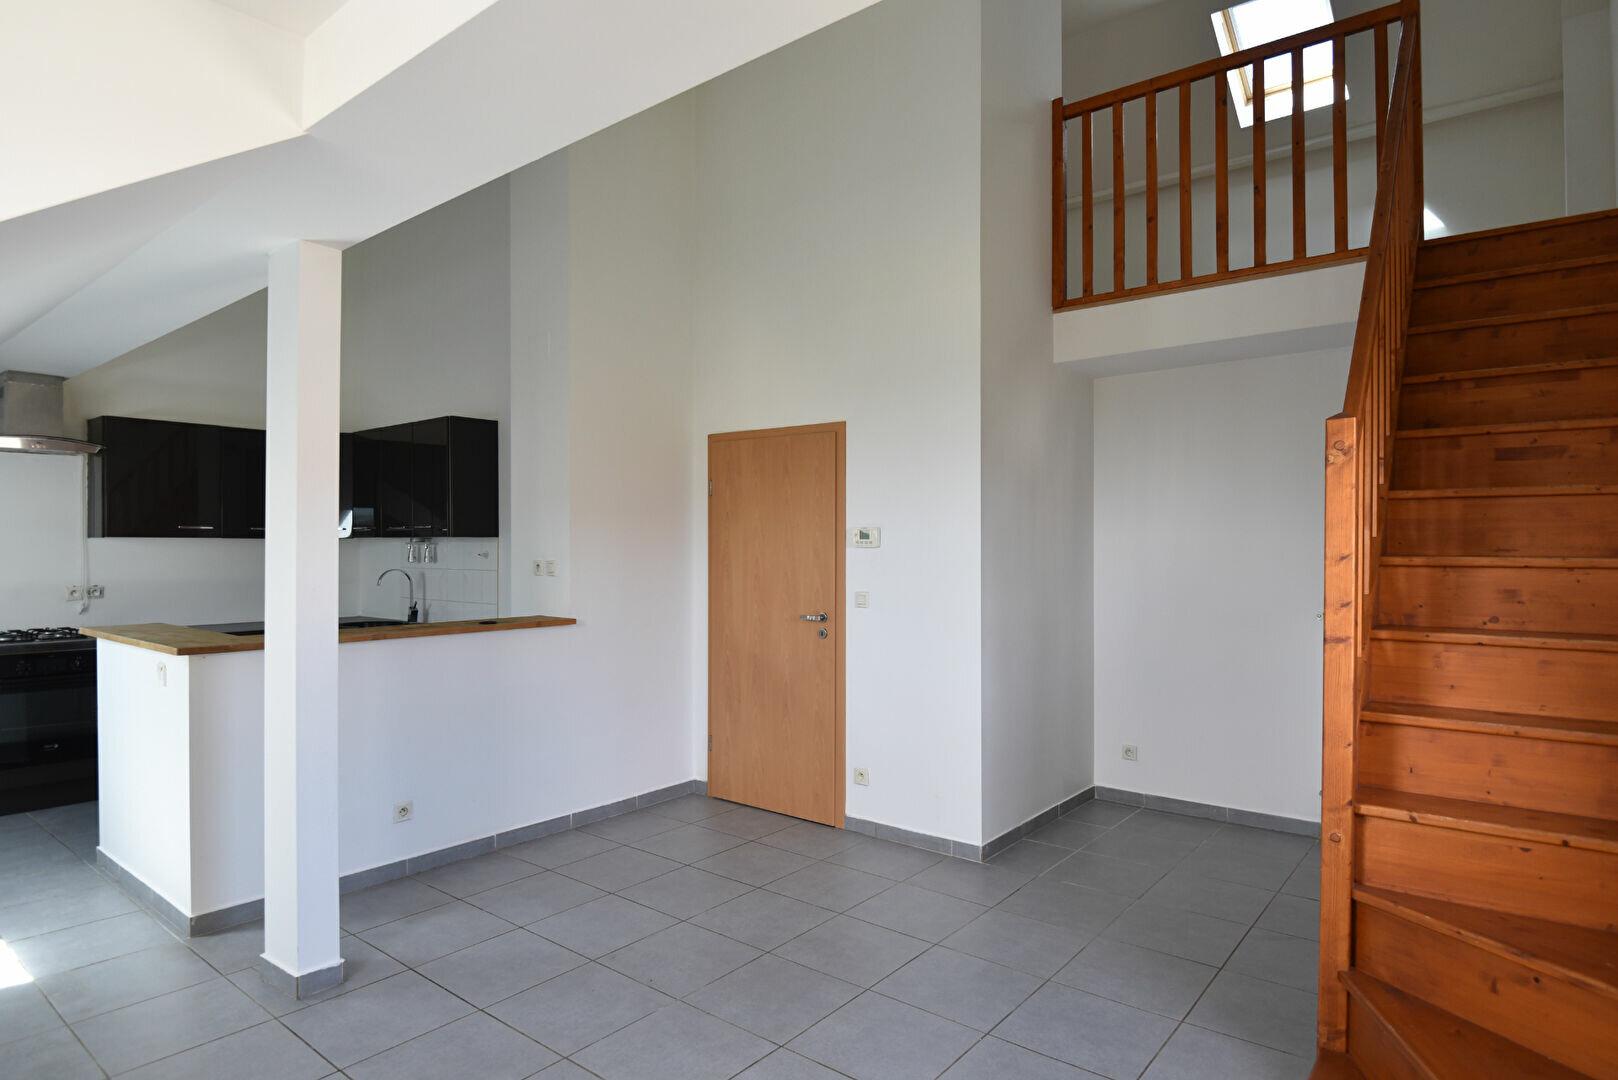 Appartement à louer 3 78.66m2 à Maizières-lès-Metz vignette-4